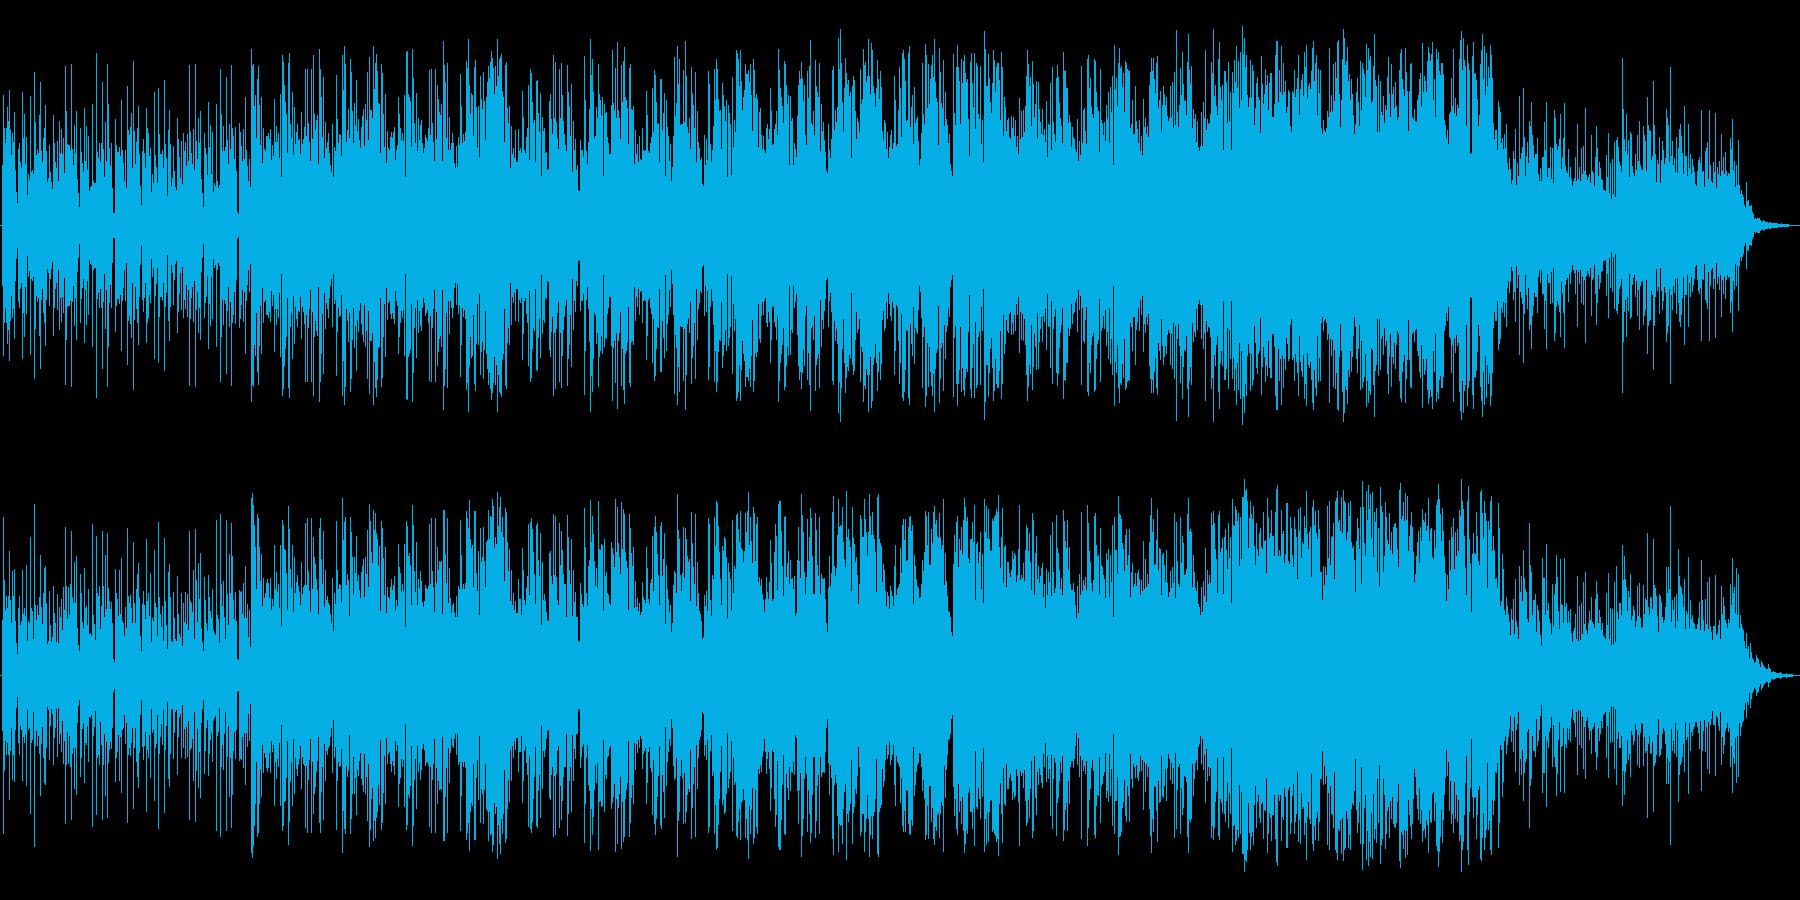 アップテンポなポップスの再生済みの波形